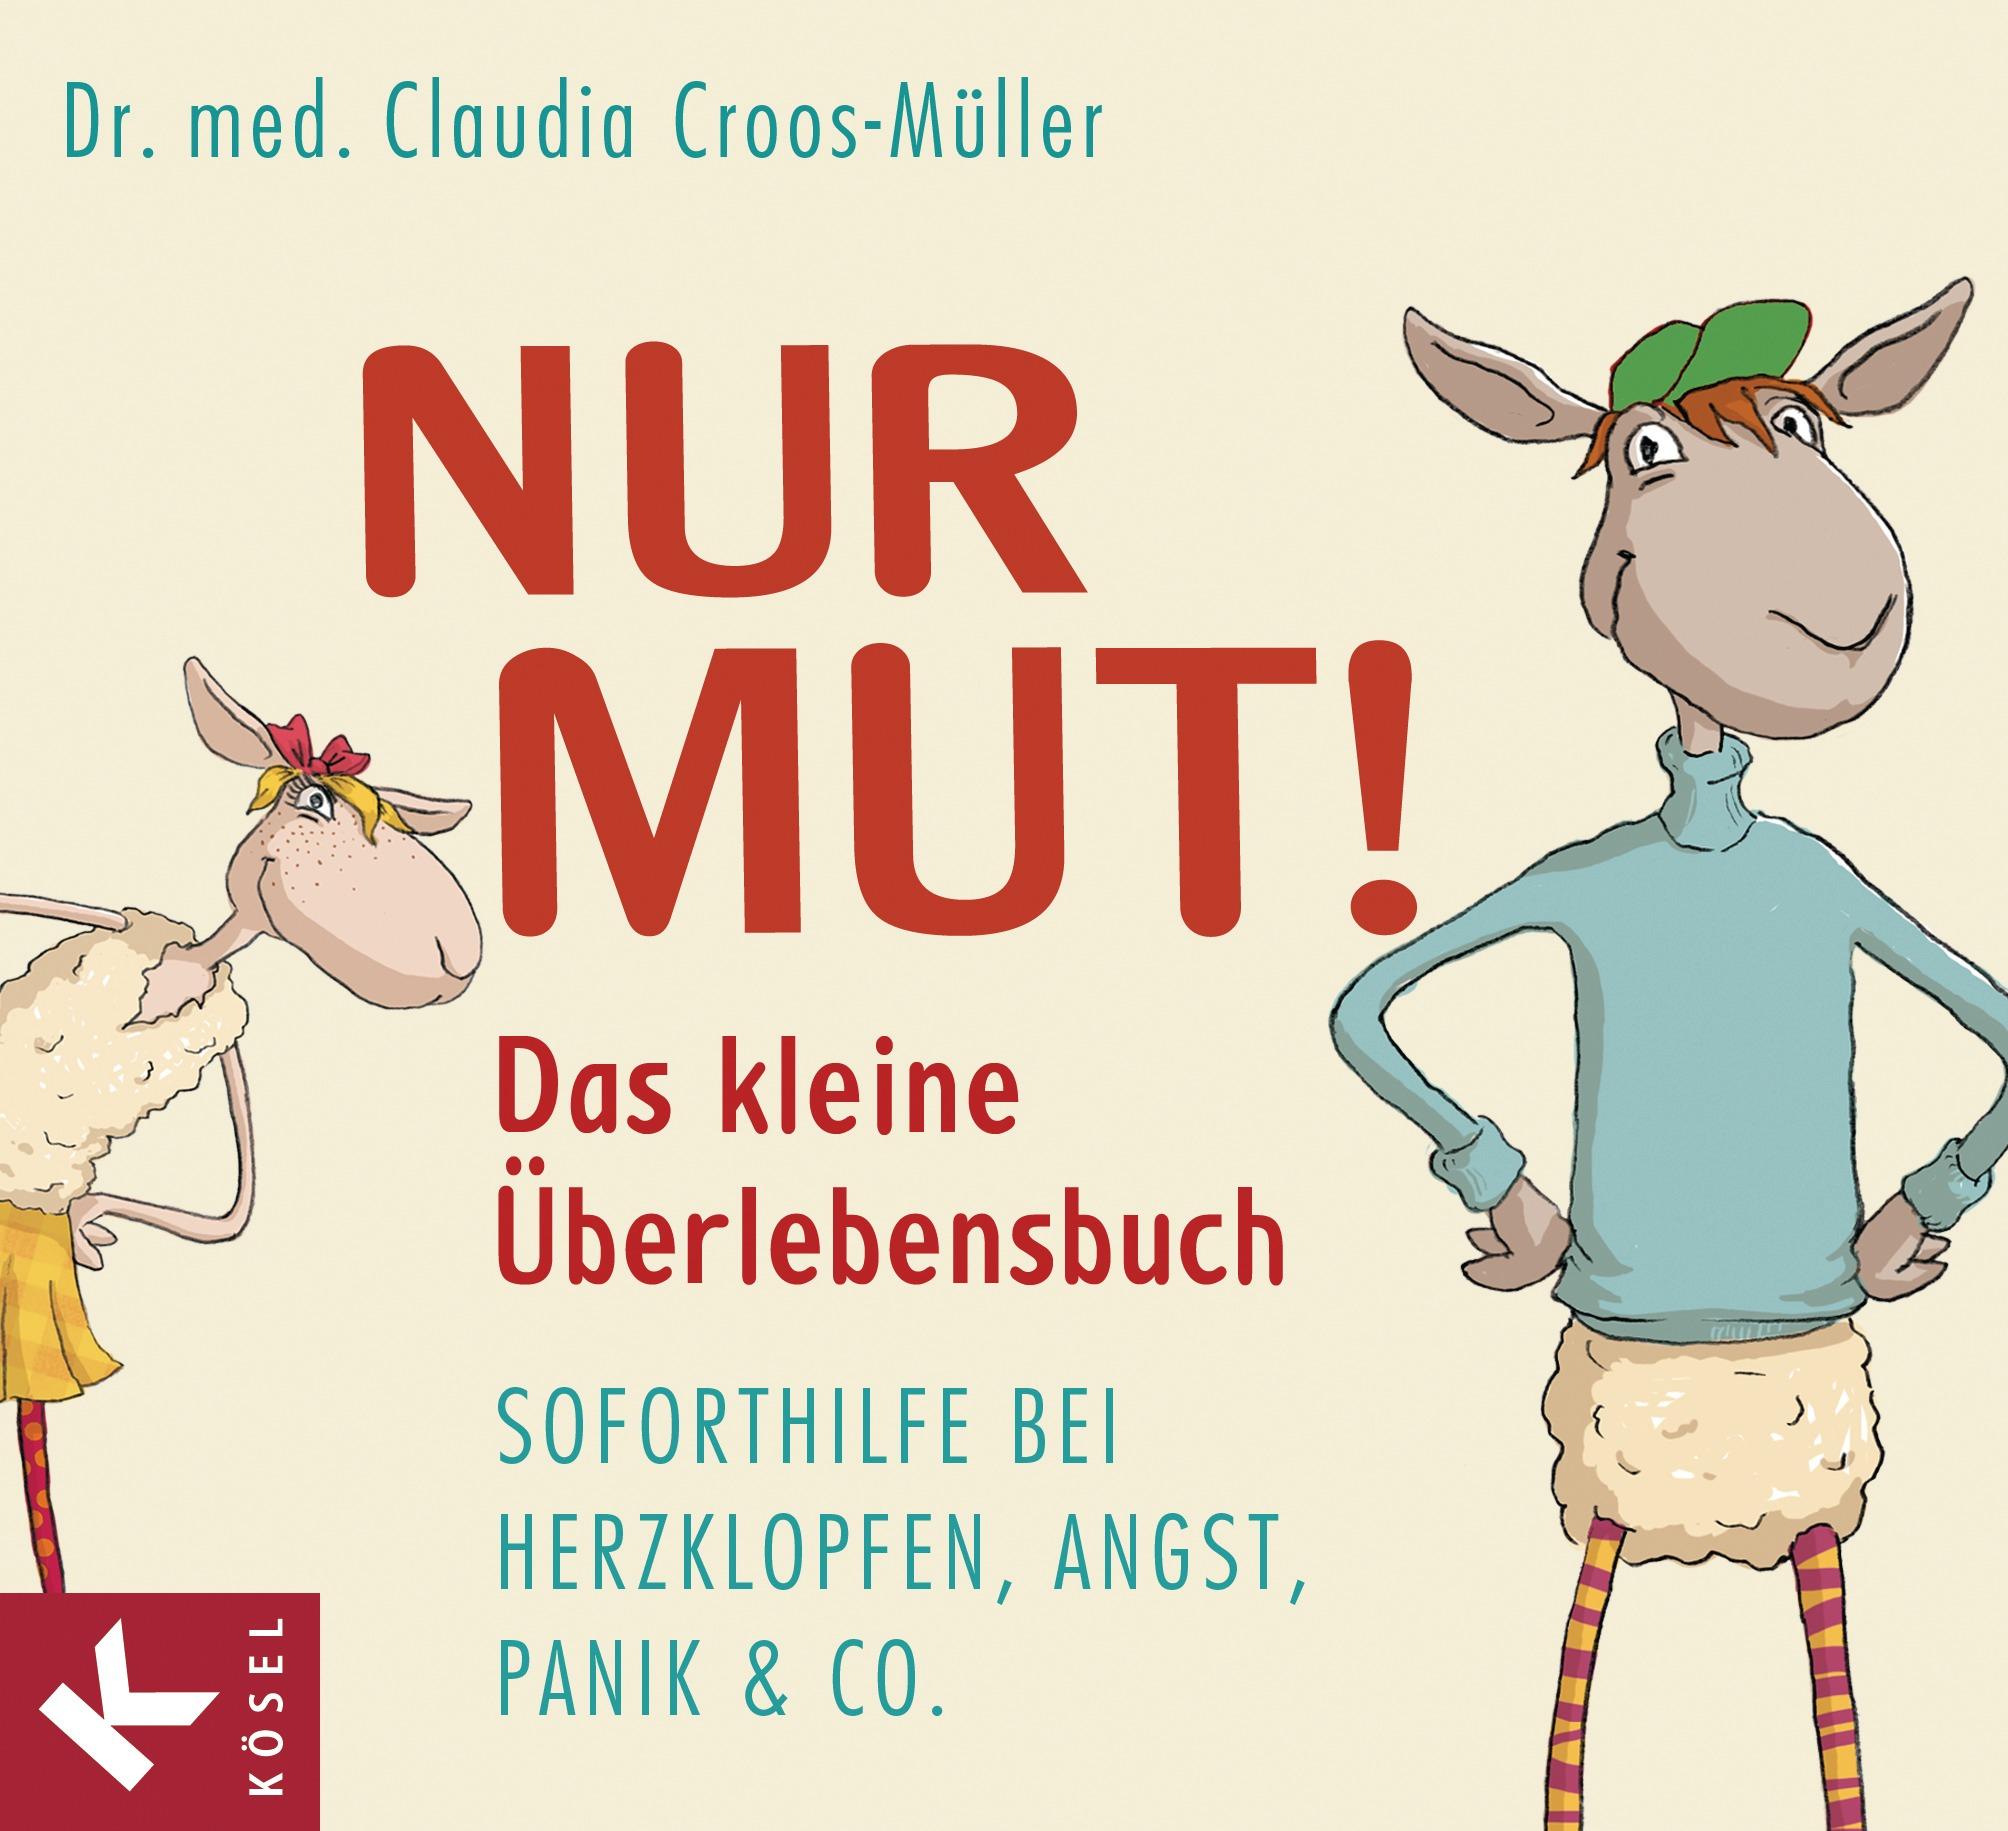 Nur Mut! - Das kleine Überlebensbuch: Soforthilfe bei Herzklopfen, Angst, Panik & Co. - Claudia Croos-Müller